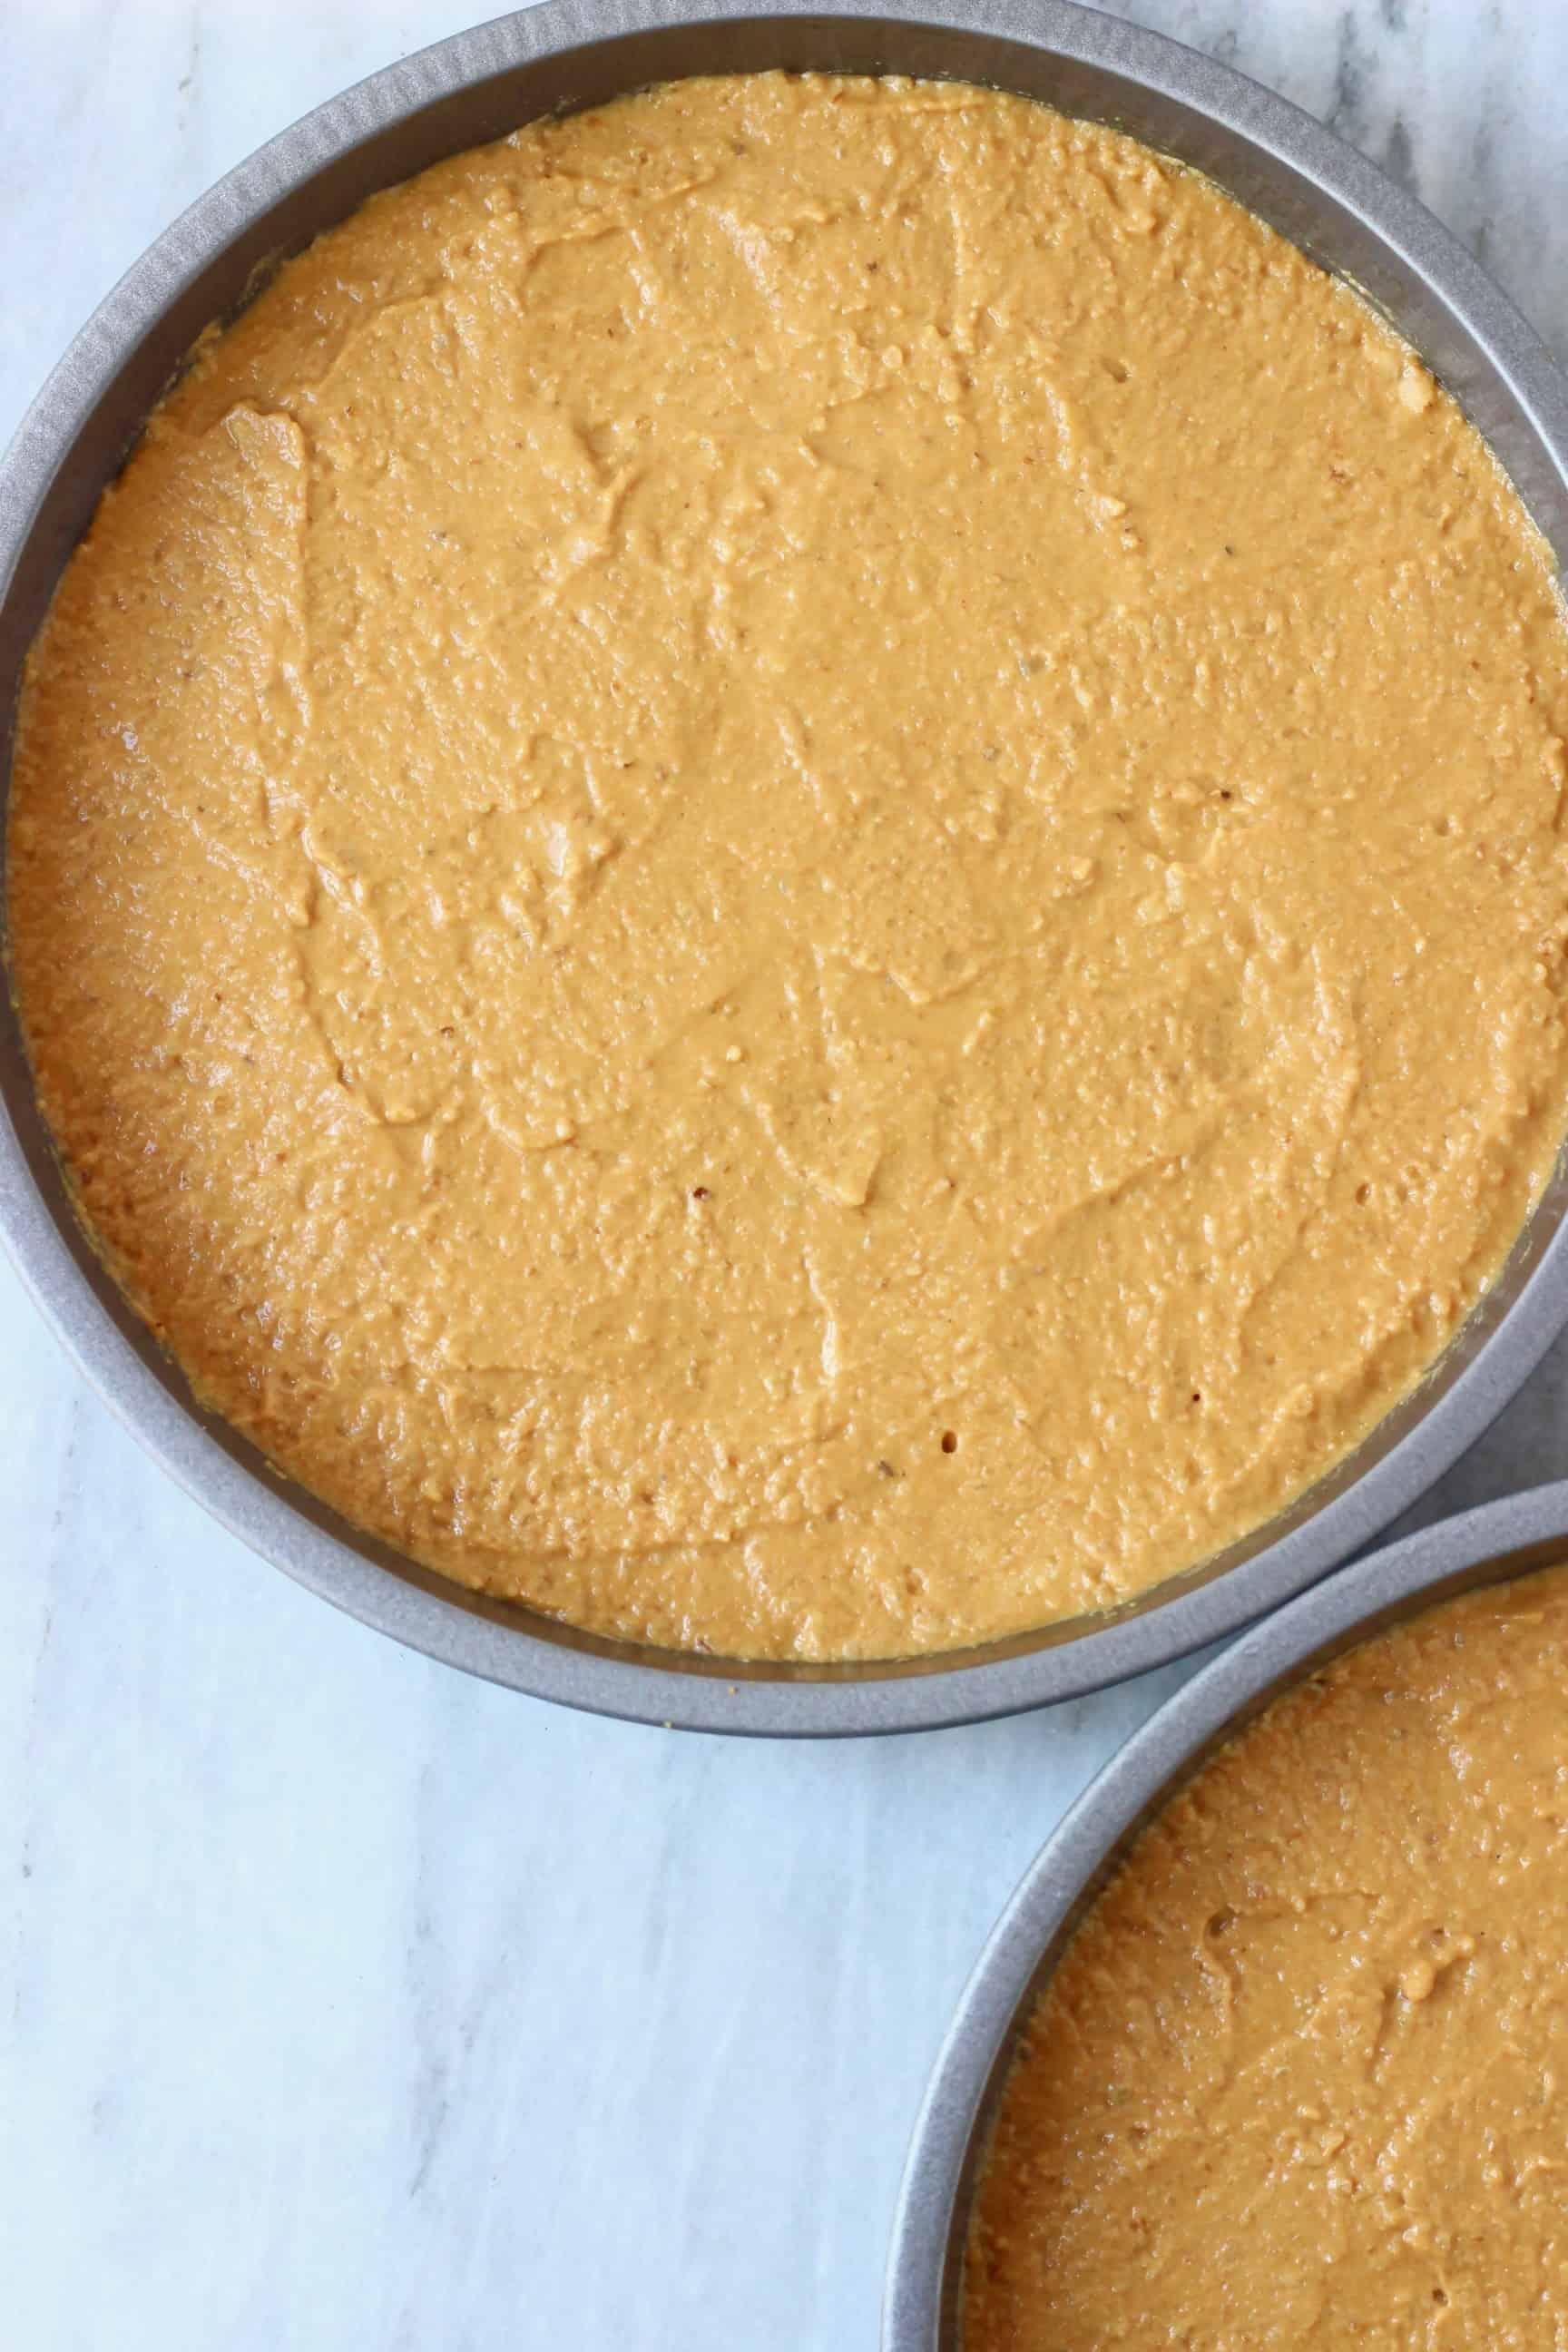 Raw gluten-free vegan coffee cake batter in two round baking tins